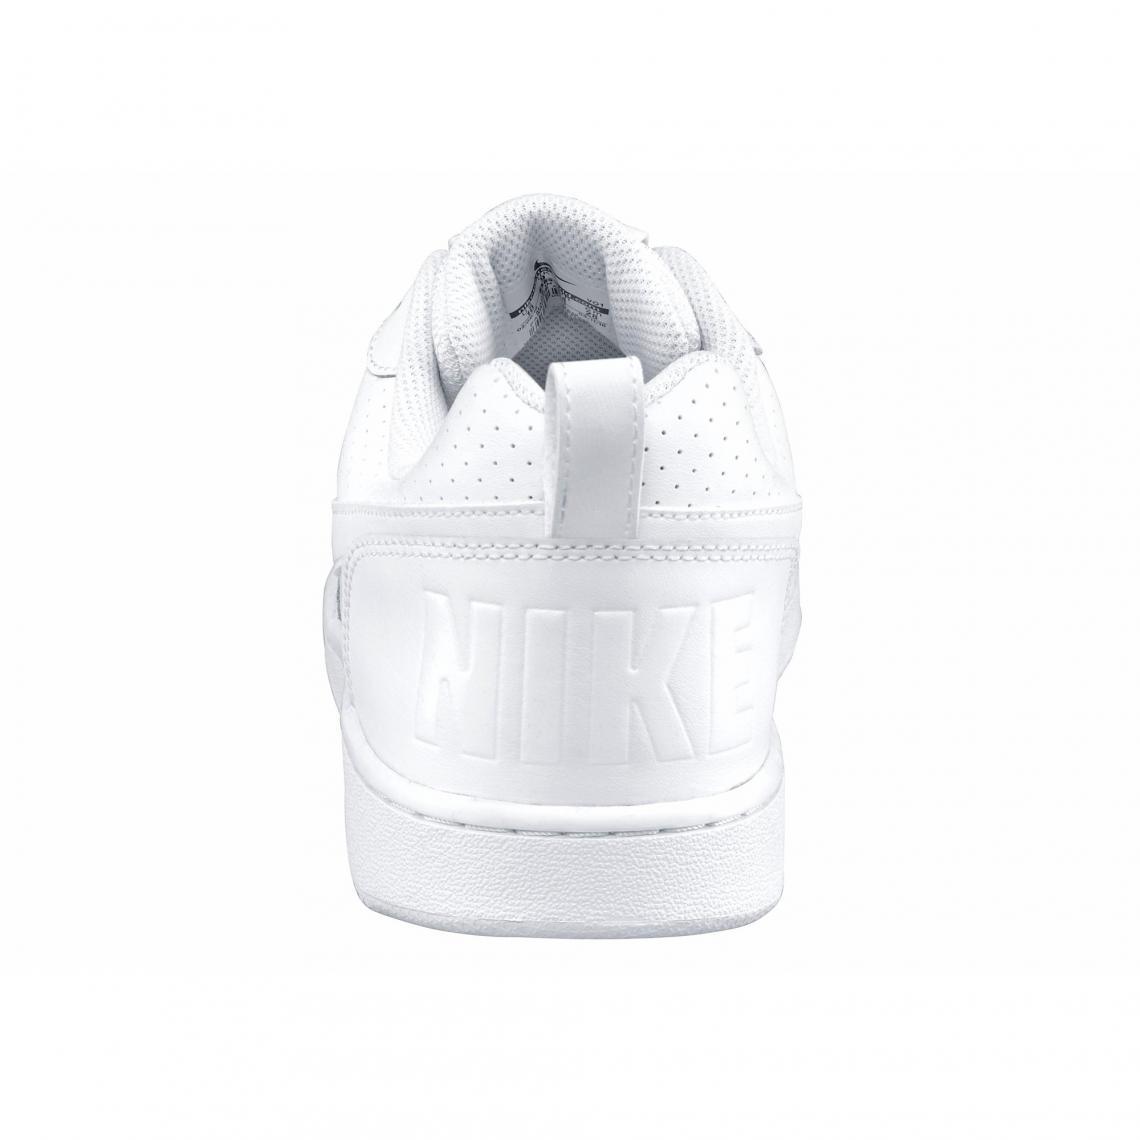 Blanc Shoe Recreation Sport De Nike Low 3suisses Homme Chaussures 0xUB64wq0